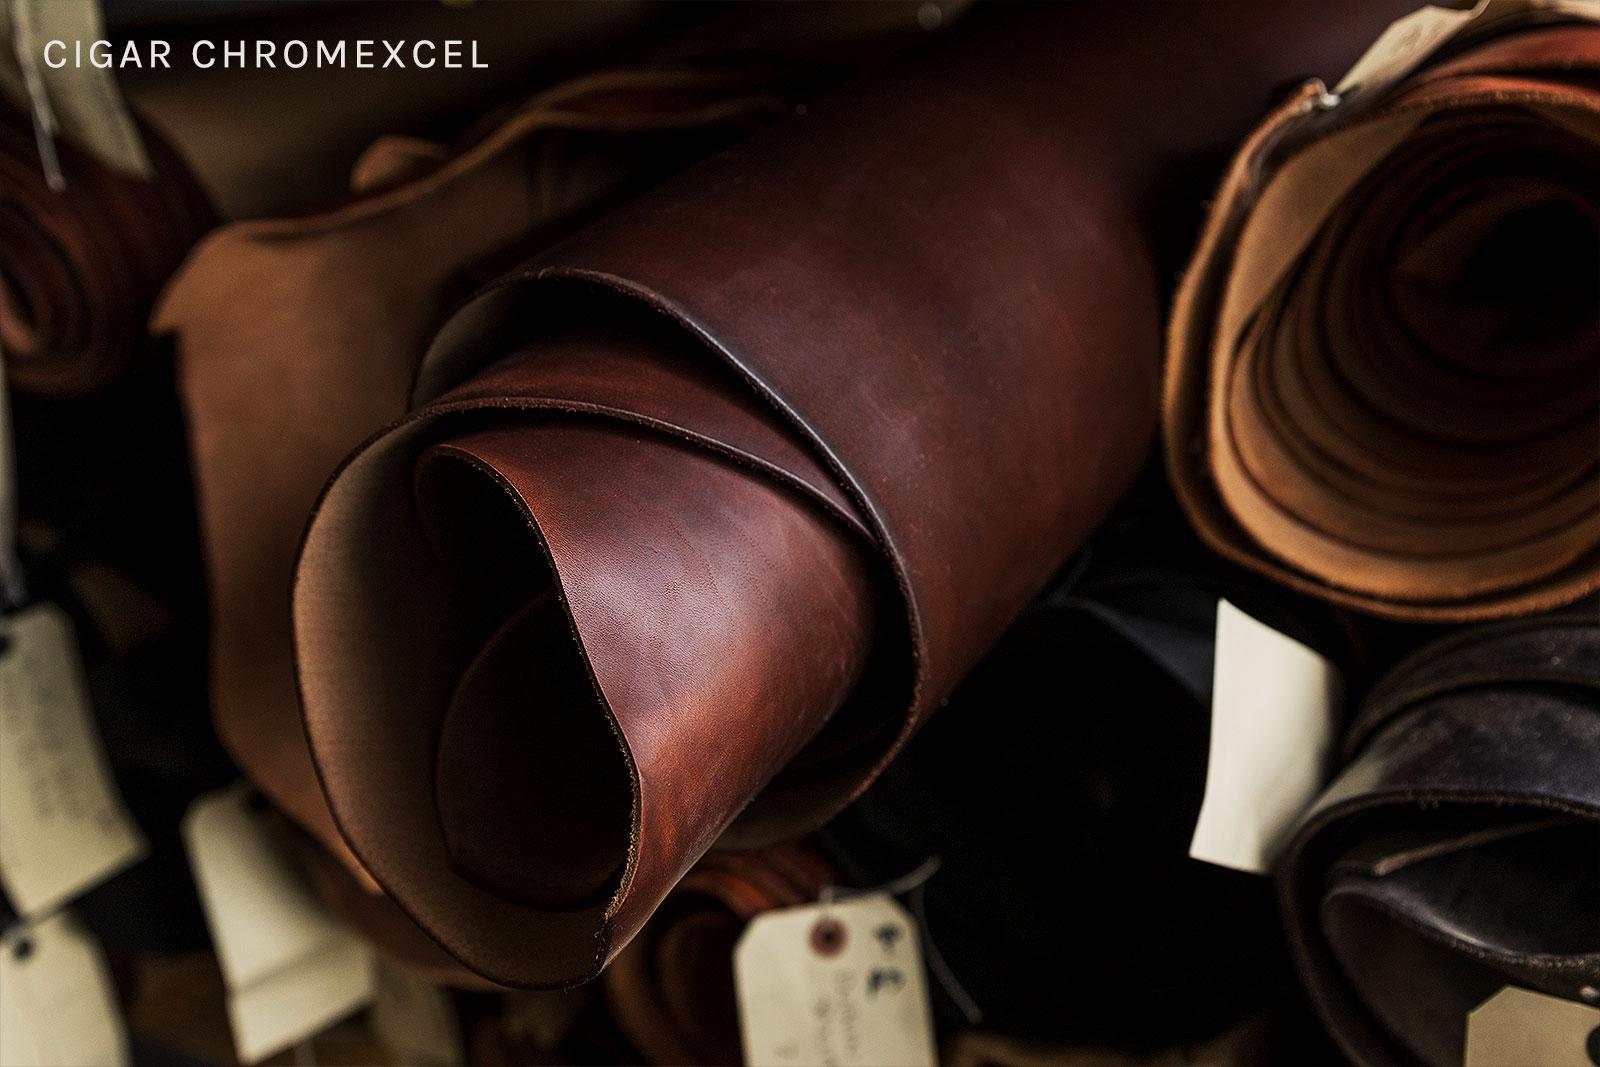 cigar-chromexcel-carousel.jpg